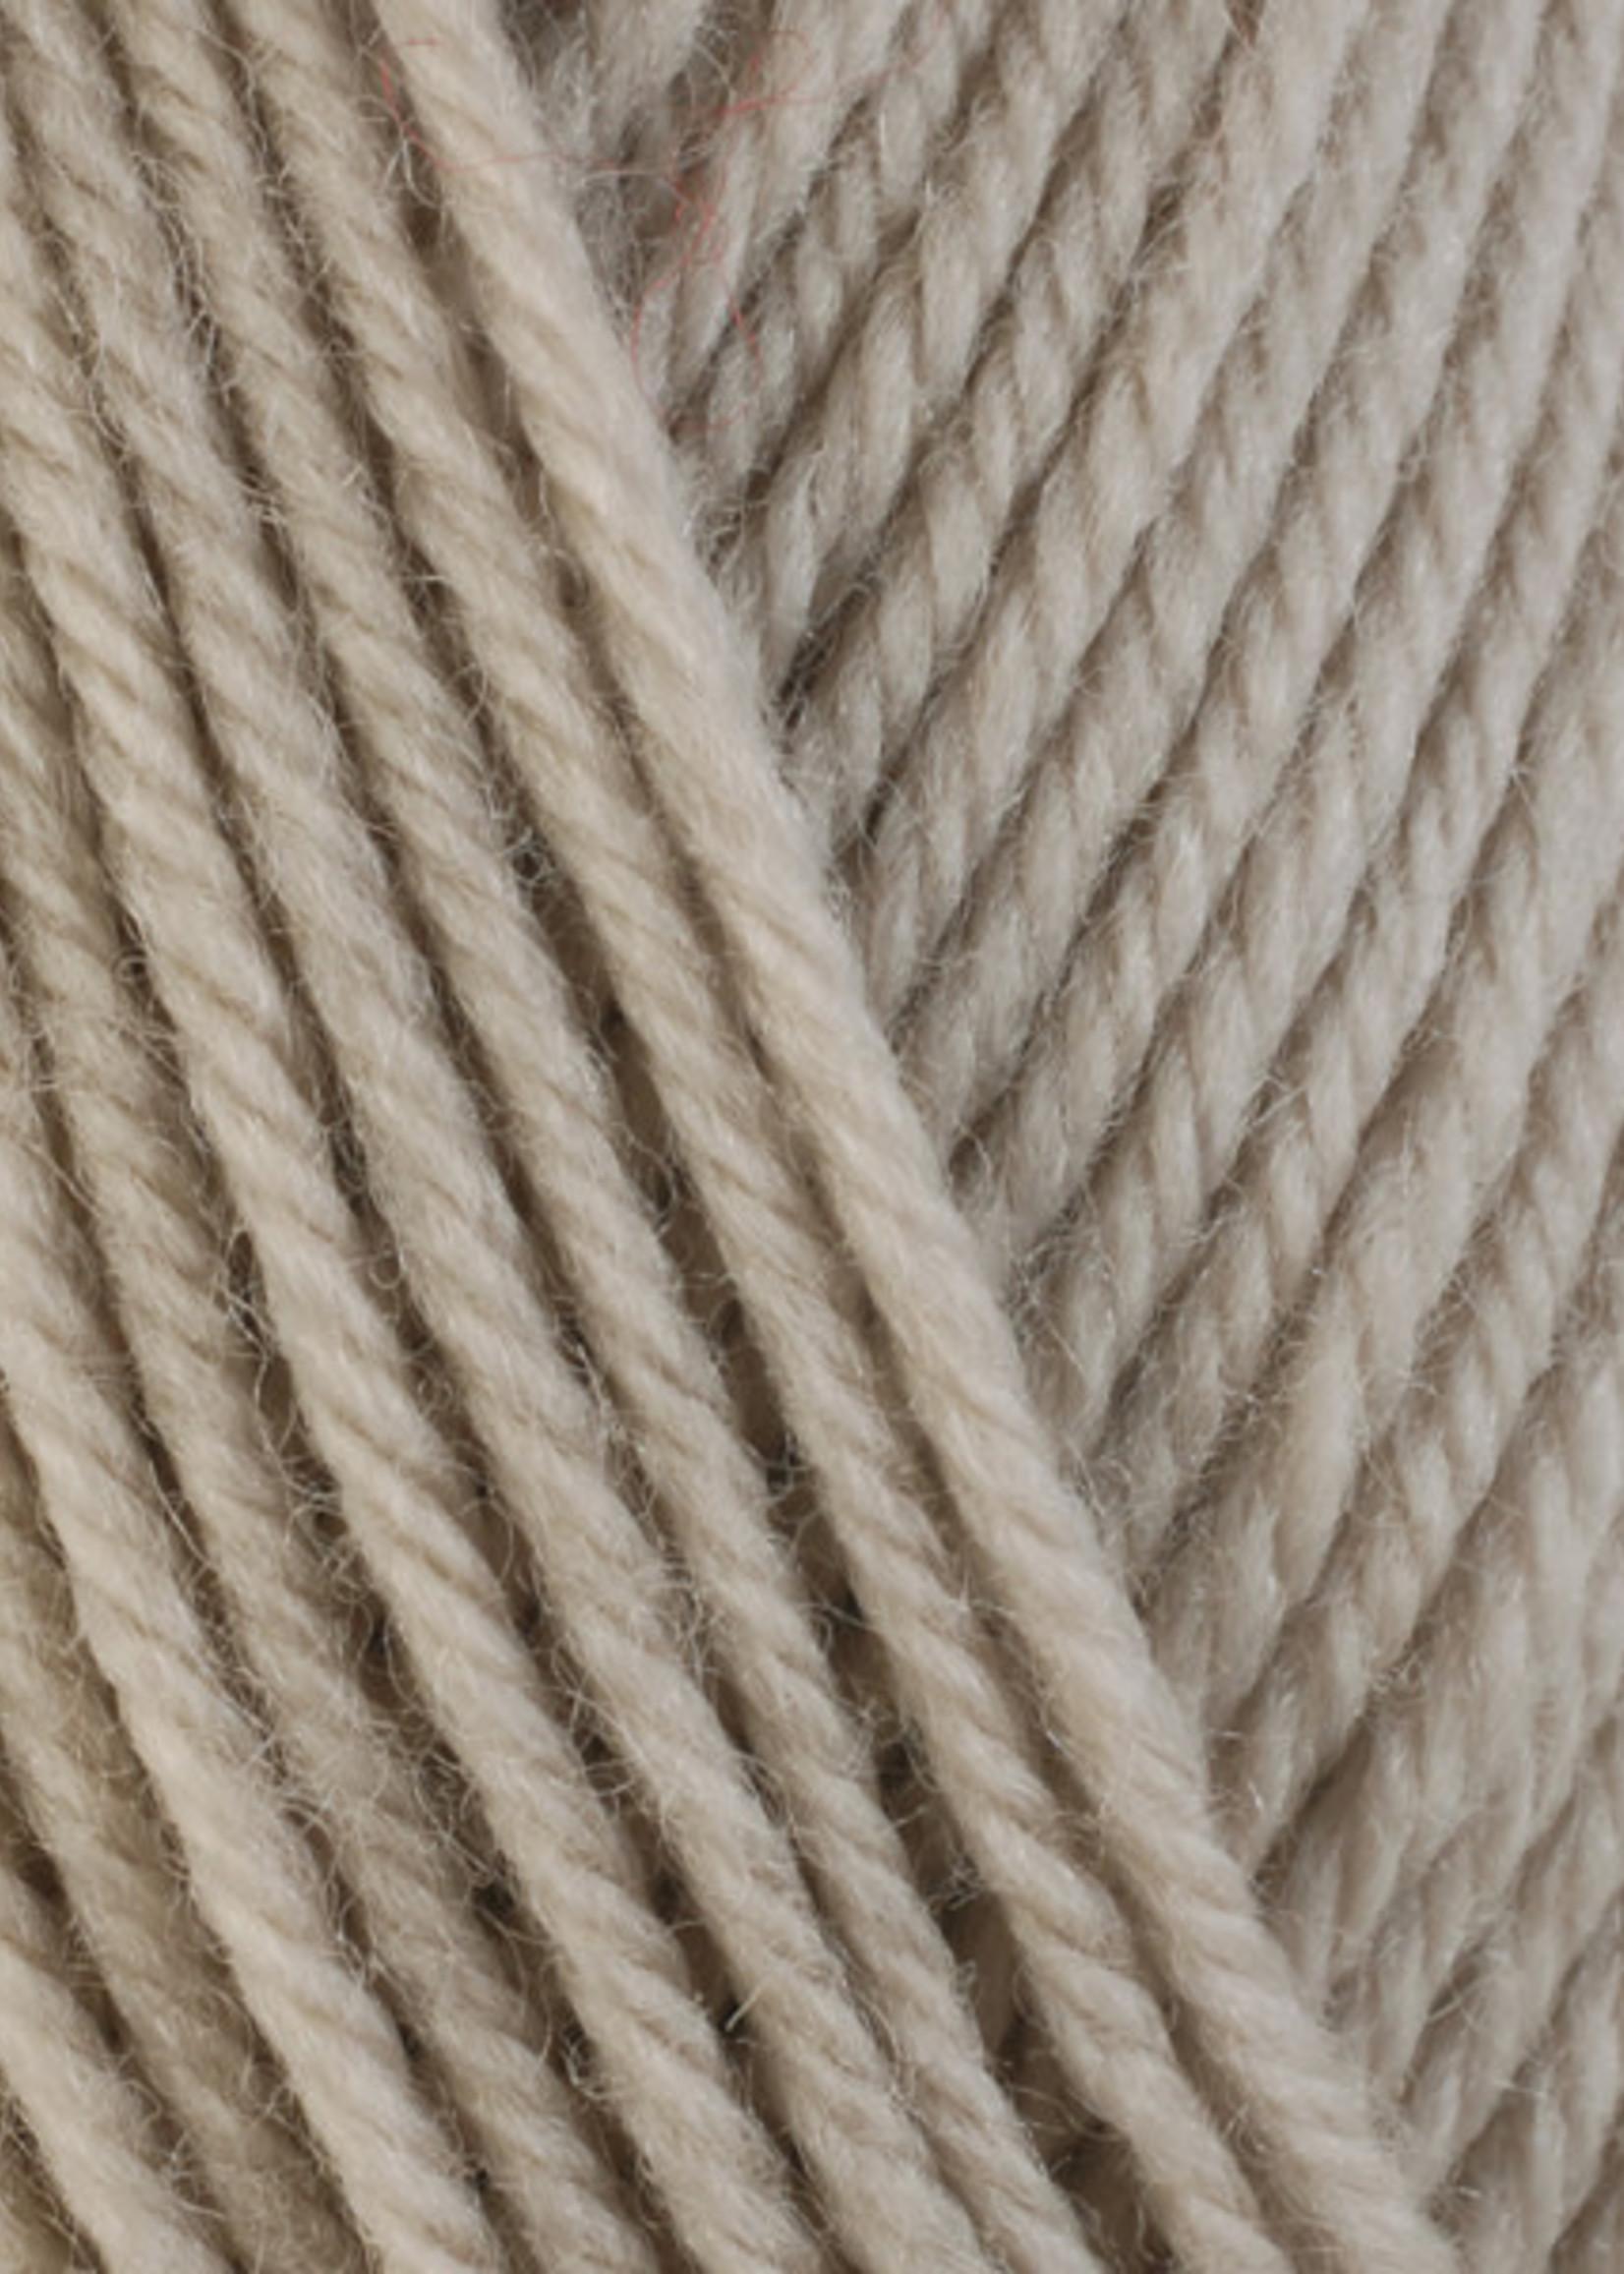 Berroco Berroco Ultra Wool 3305 Oat